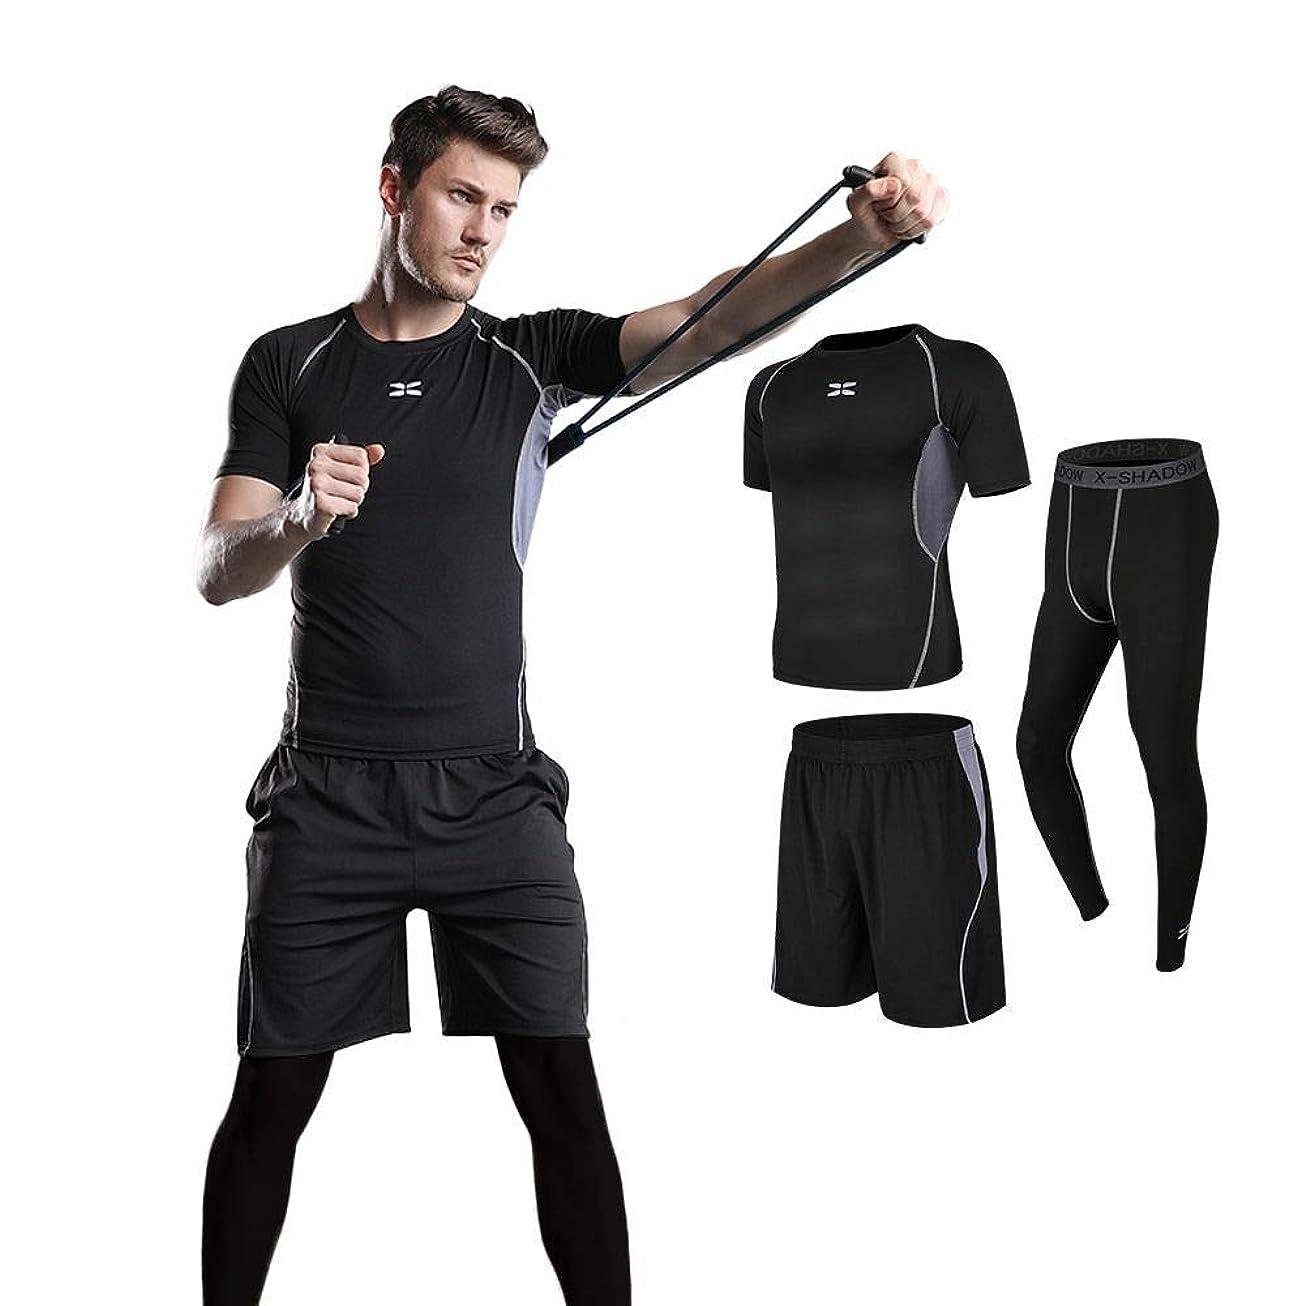 ベックスコースアナロジー(シーヤ) Seeya コンプレッションウェア セット スポーツウェア メンズ 長袖 半袖 冬 上下 5点セット 6カラー トレーニング ランニング 吸汗 速乾